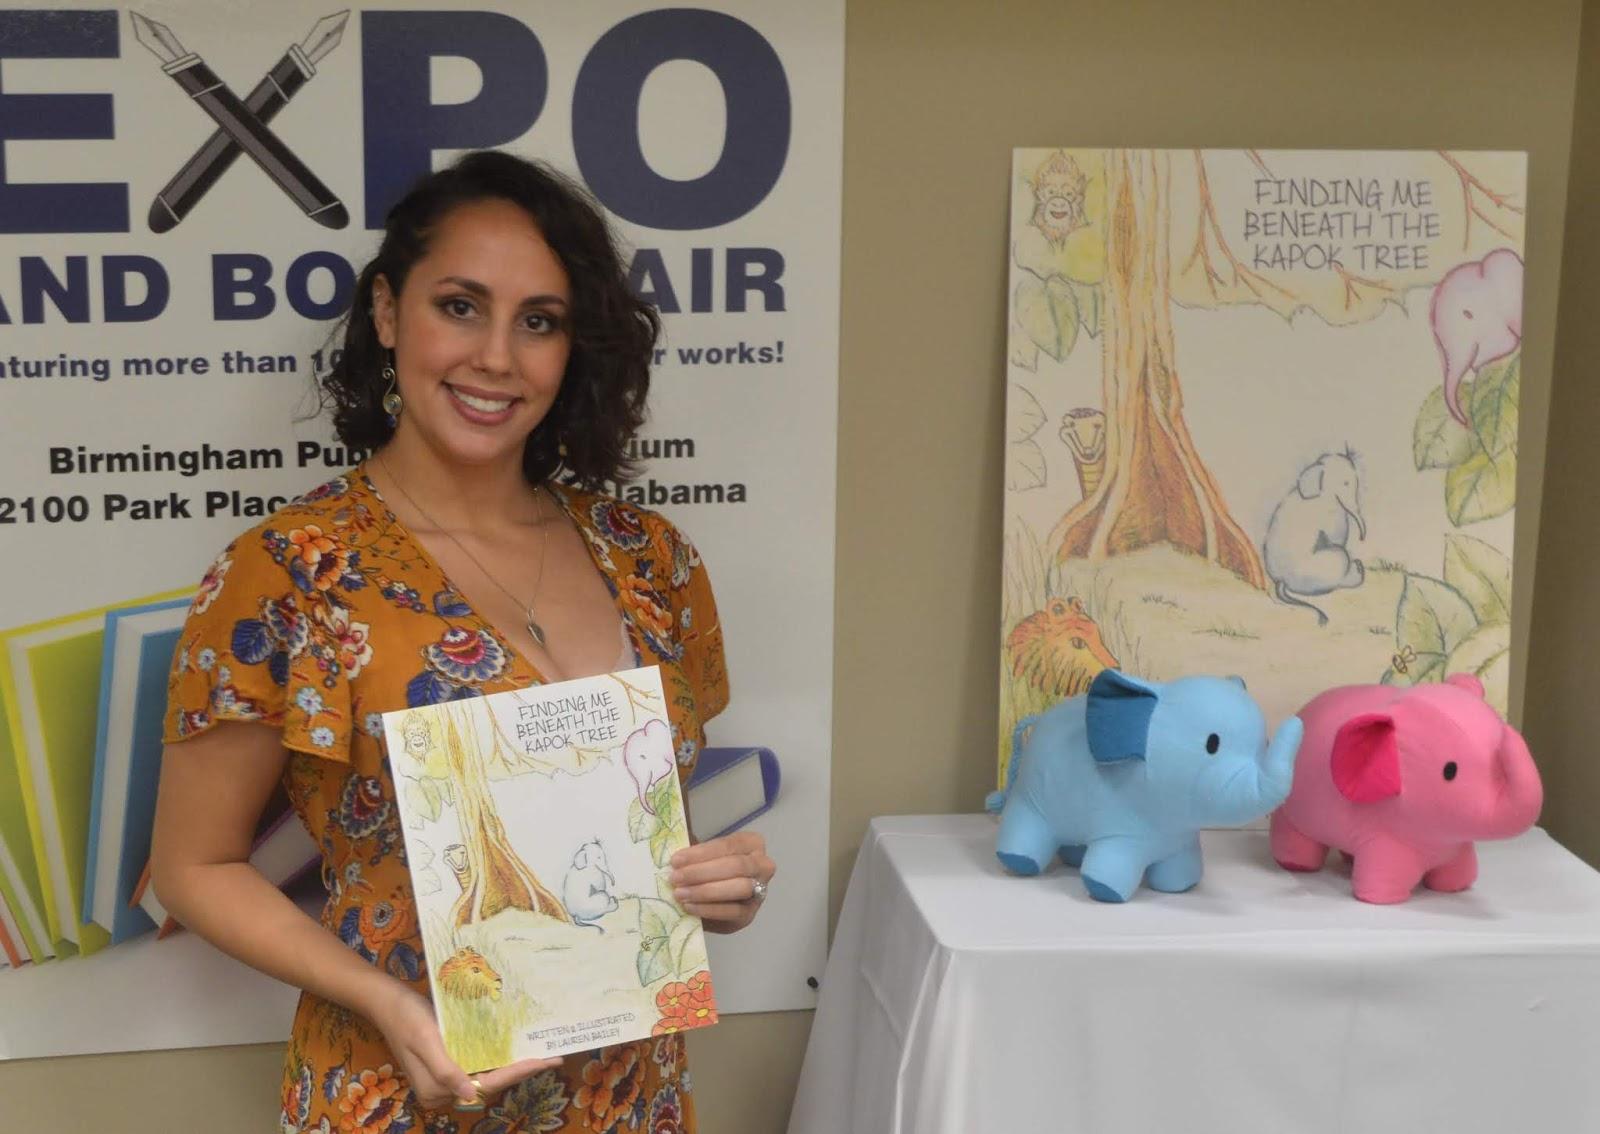 Birmingham Public Library Meet Lauren Bailey Author And